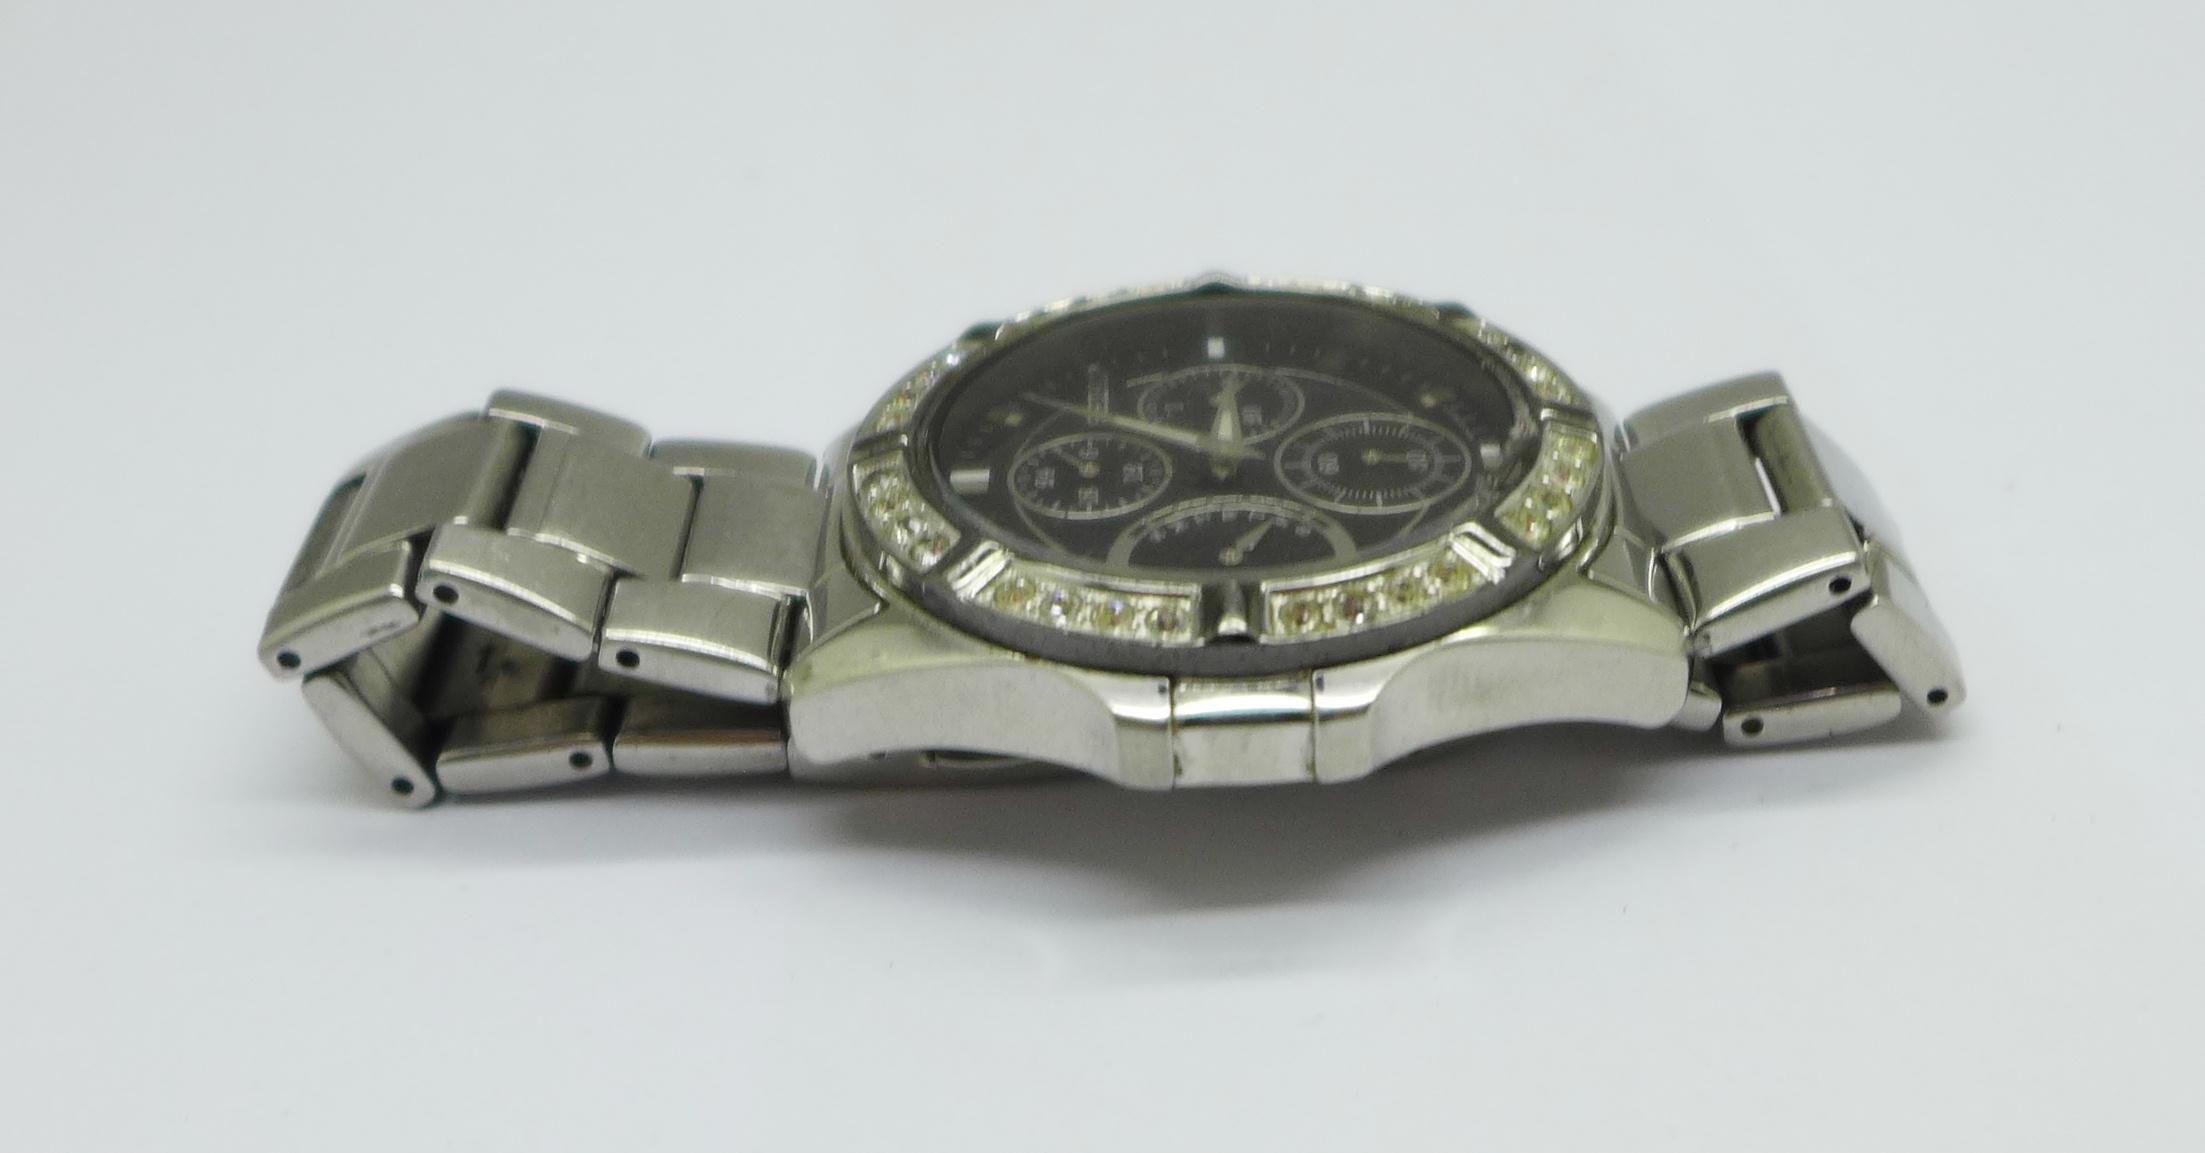 A Seiko multi dial wristwatch - Image 3 of 6